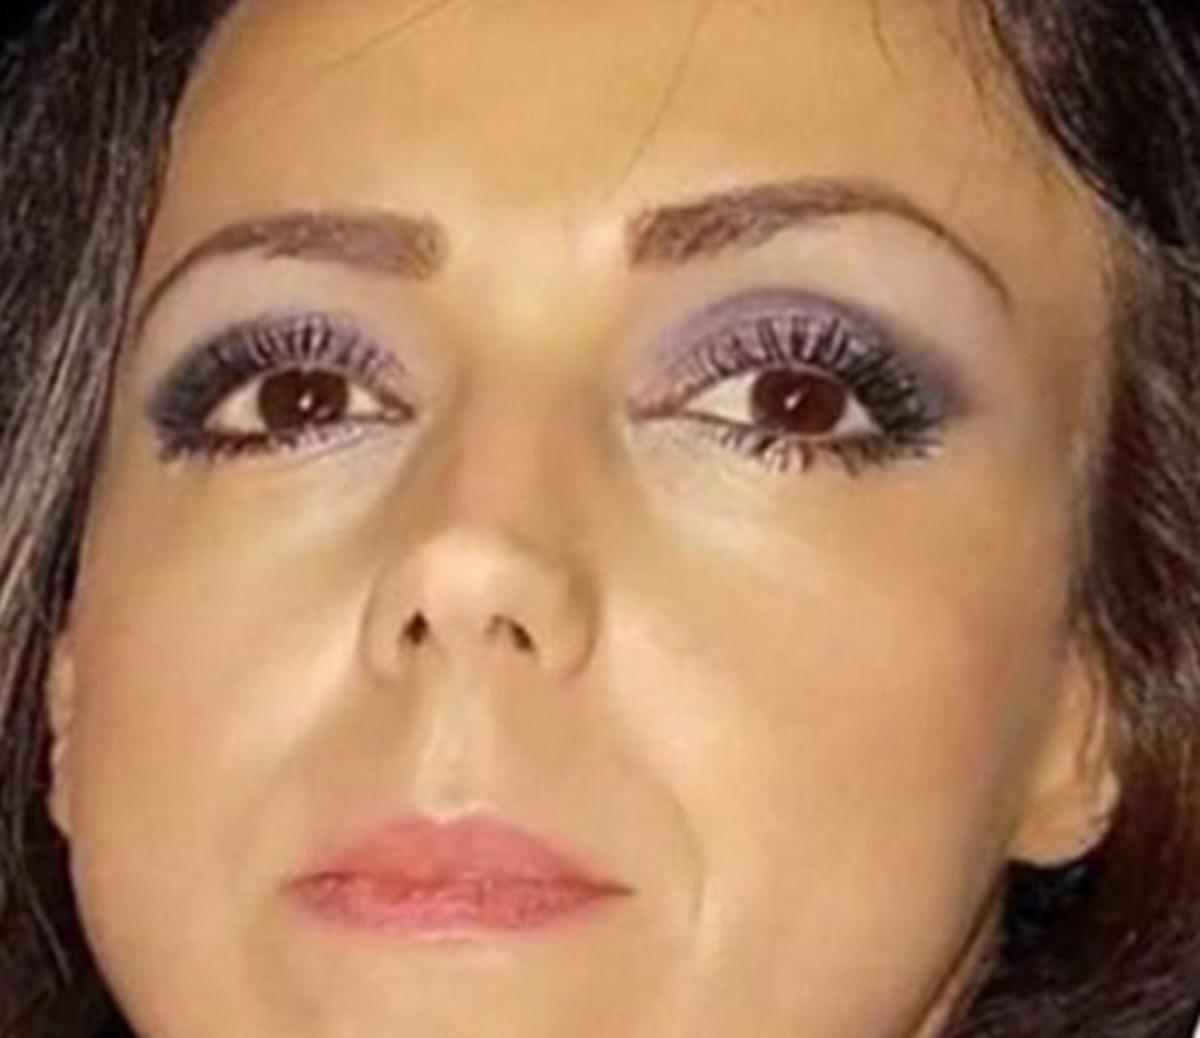 Αμφιλοχία: Έτσι σκοτώθηκε η Μαρία Ιατρού – Άγνωστες αλήθειες για τον θάνατο της πολύτεκνης μητέρας [pics]